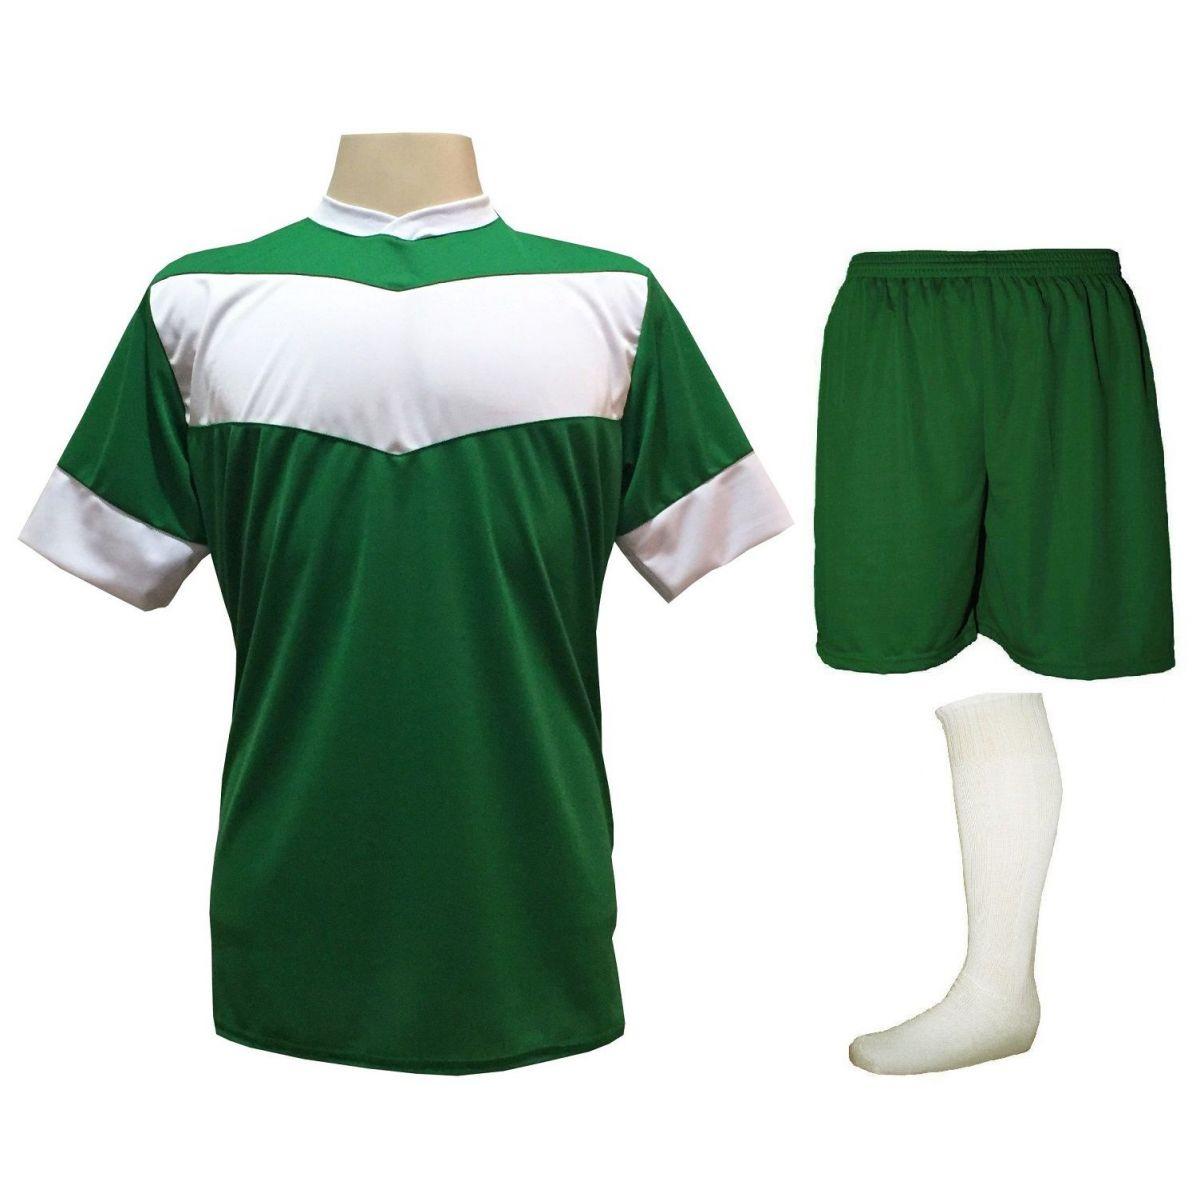 Fardamento Completo Modelo Columbus 18+1 (18 Camisas Verde/Branco + 18 Calções Madrid Verde + 18 Pares de Meiões Brancos + 1 Conjunto de Goleiro) + Brindes